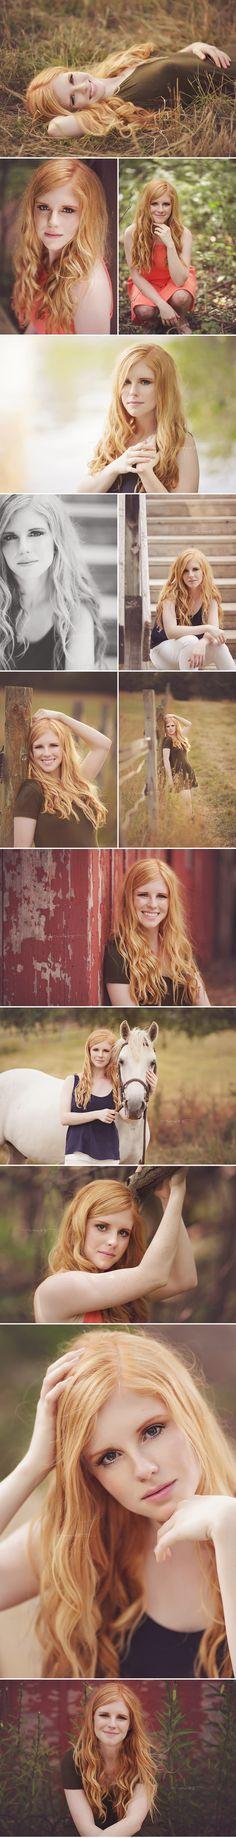 Miss by Marissa McInnis | Michigan Senior Photographer | Anne <3